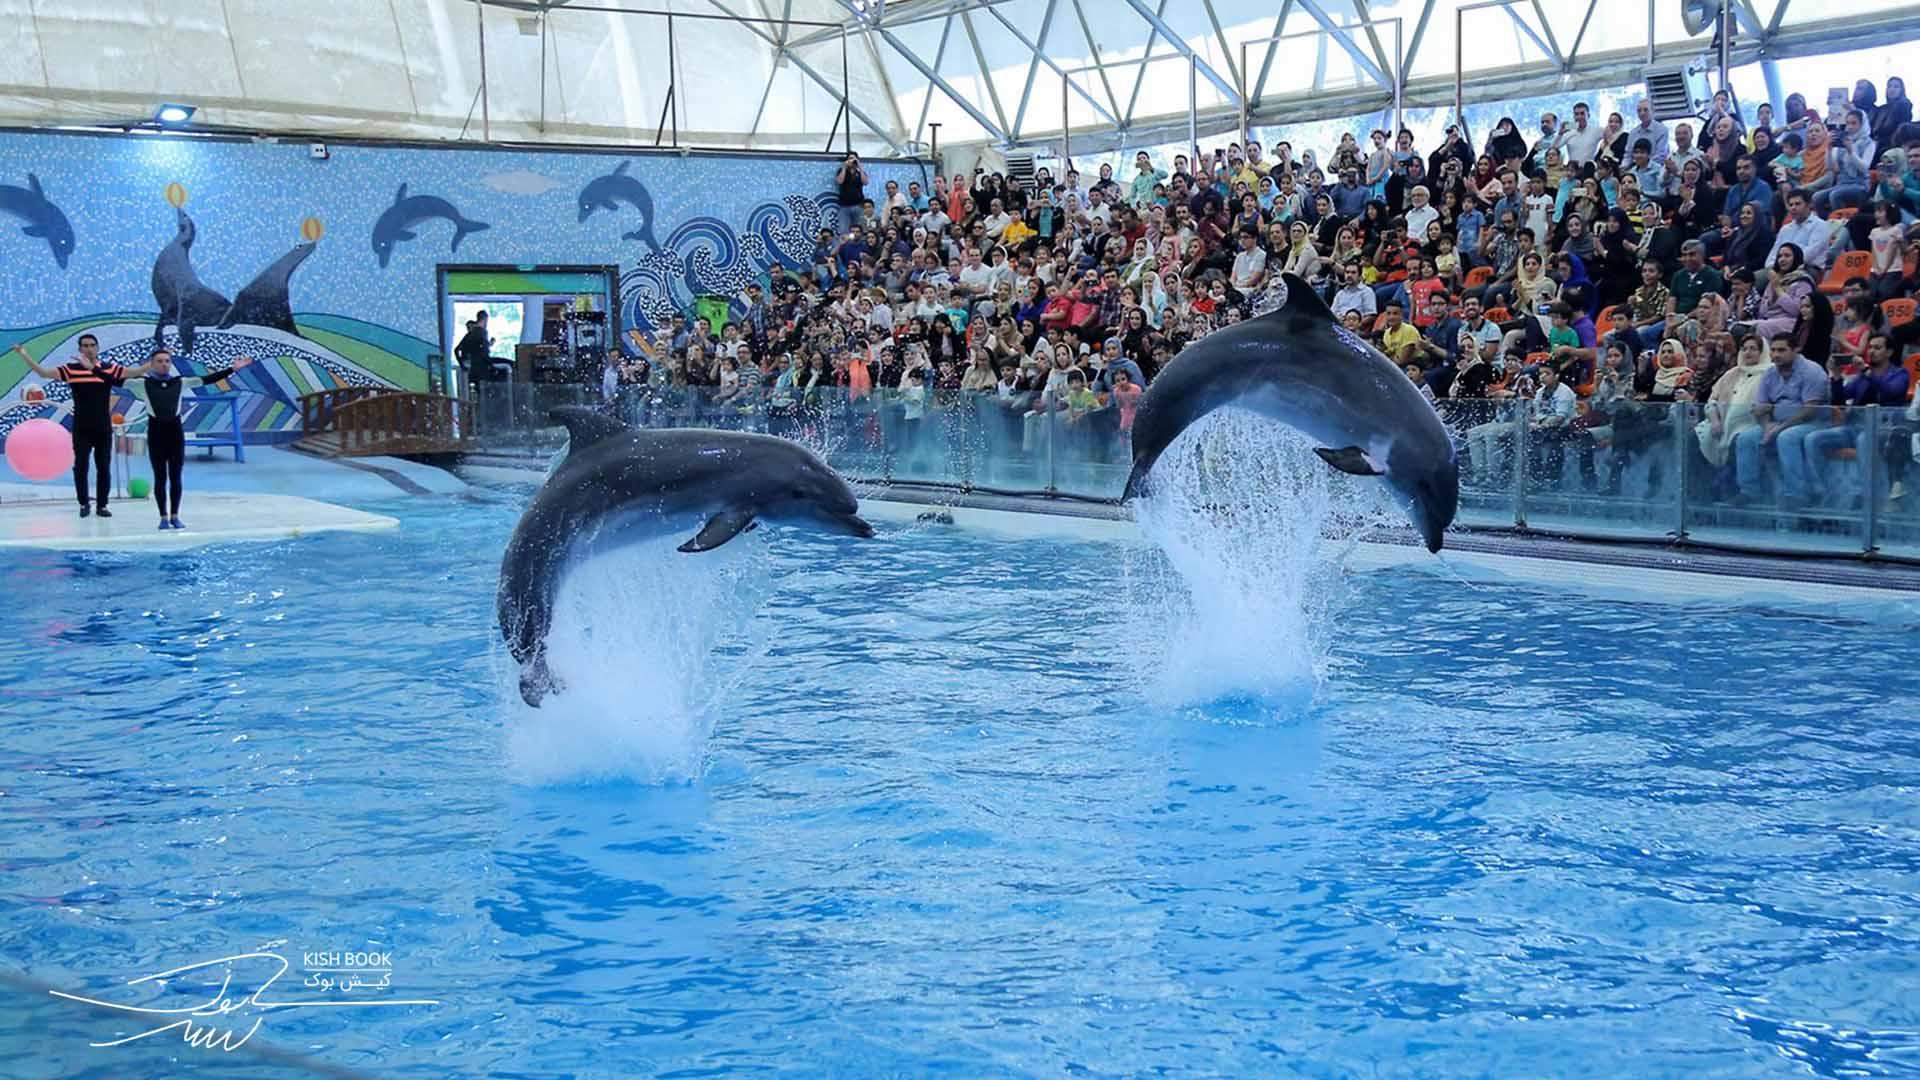 dolphinarium kish - پارک دلفین یا دلفیناریوم کیش | Kish